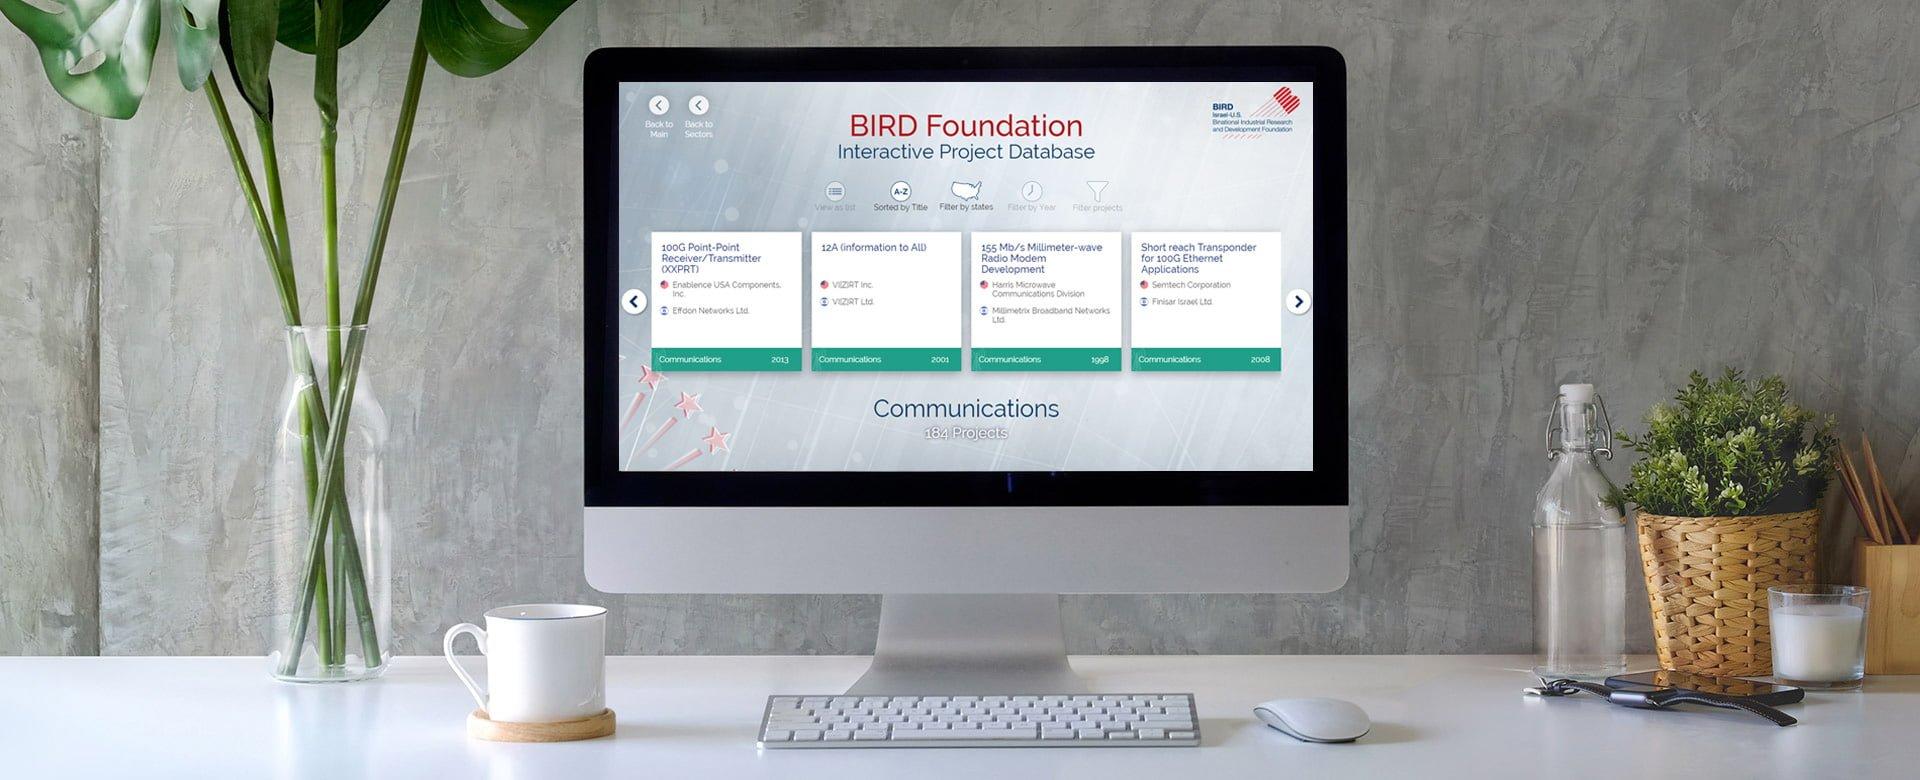 Bird website